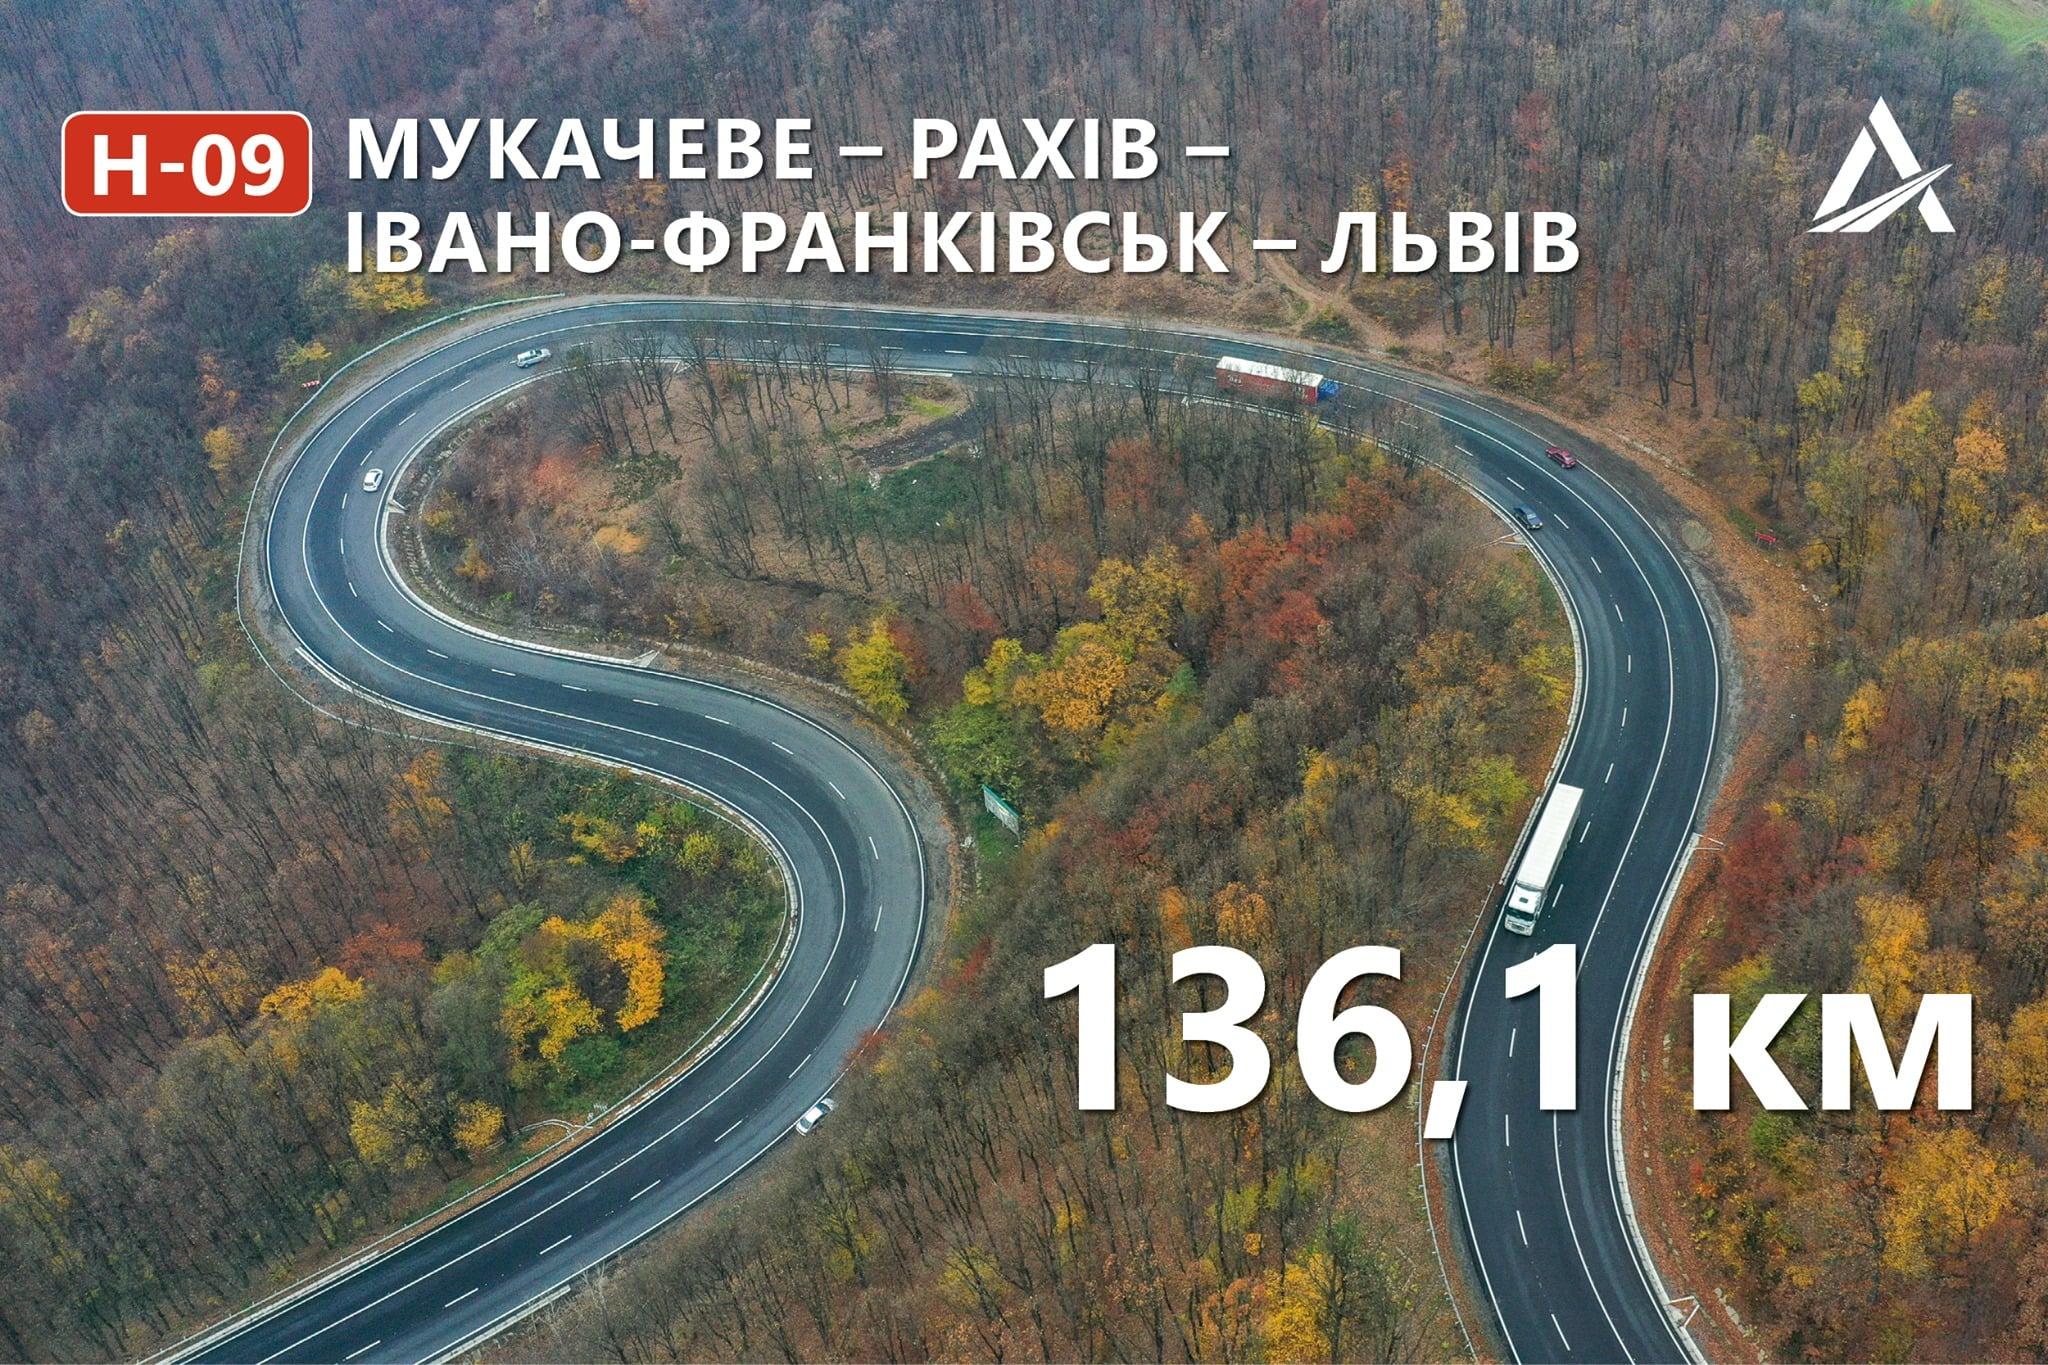 Фото ТОП-5 дорог Украины, которым в этом году реально повезло - фото 5